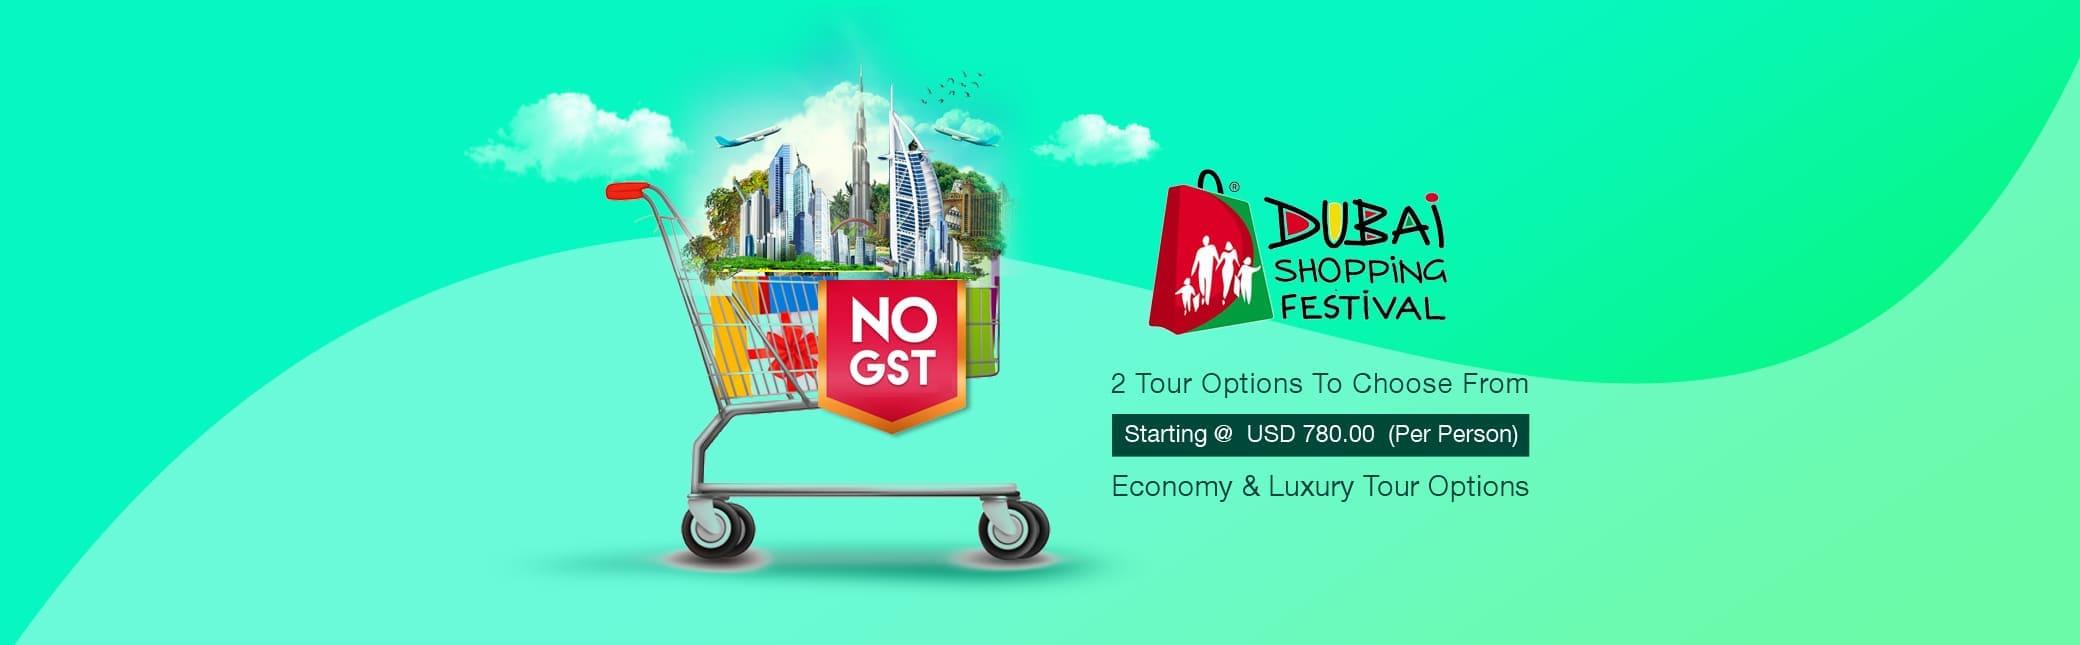 Dubai Tours GST Discount